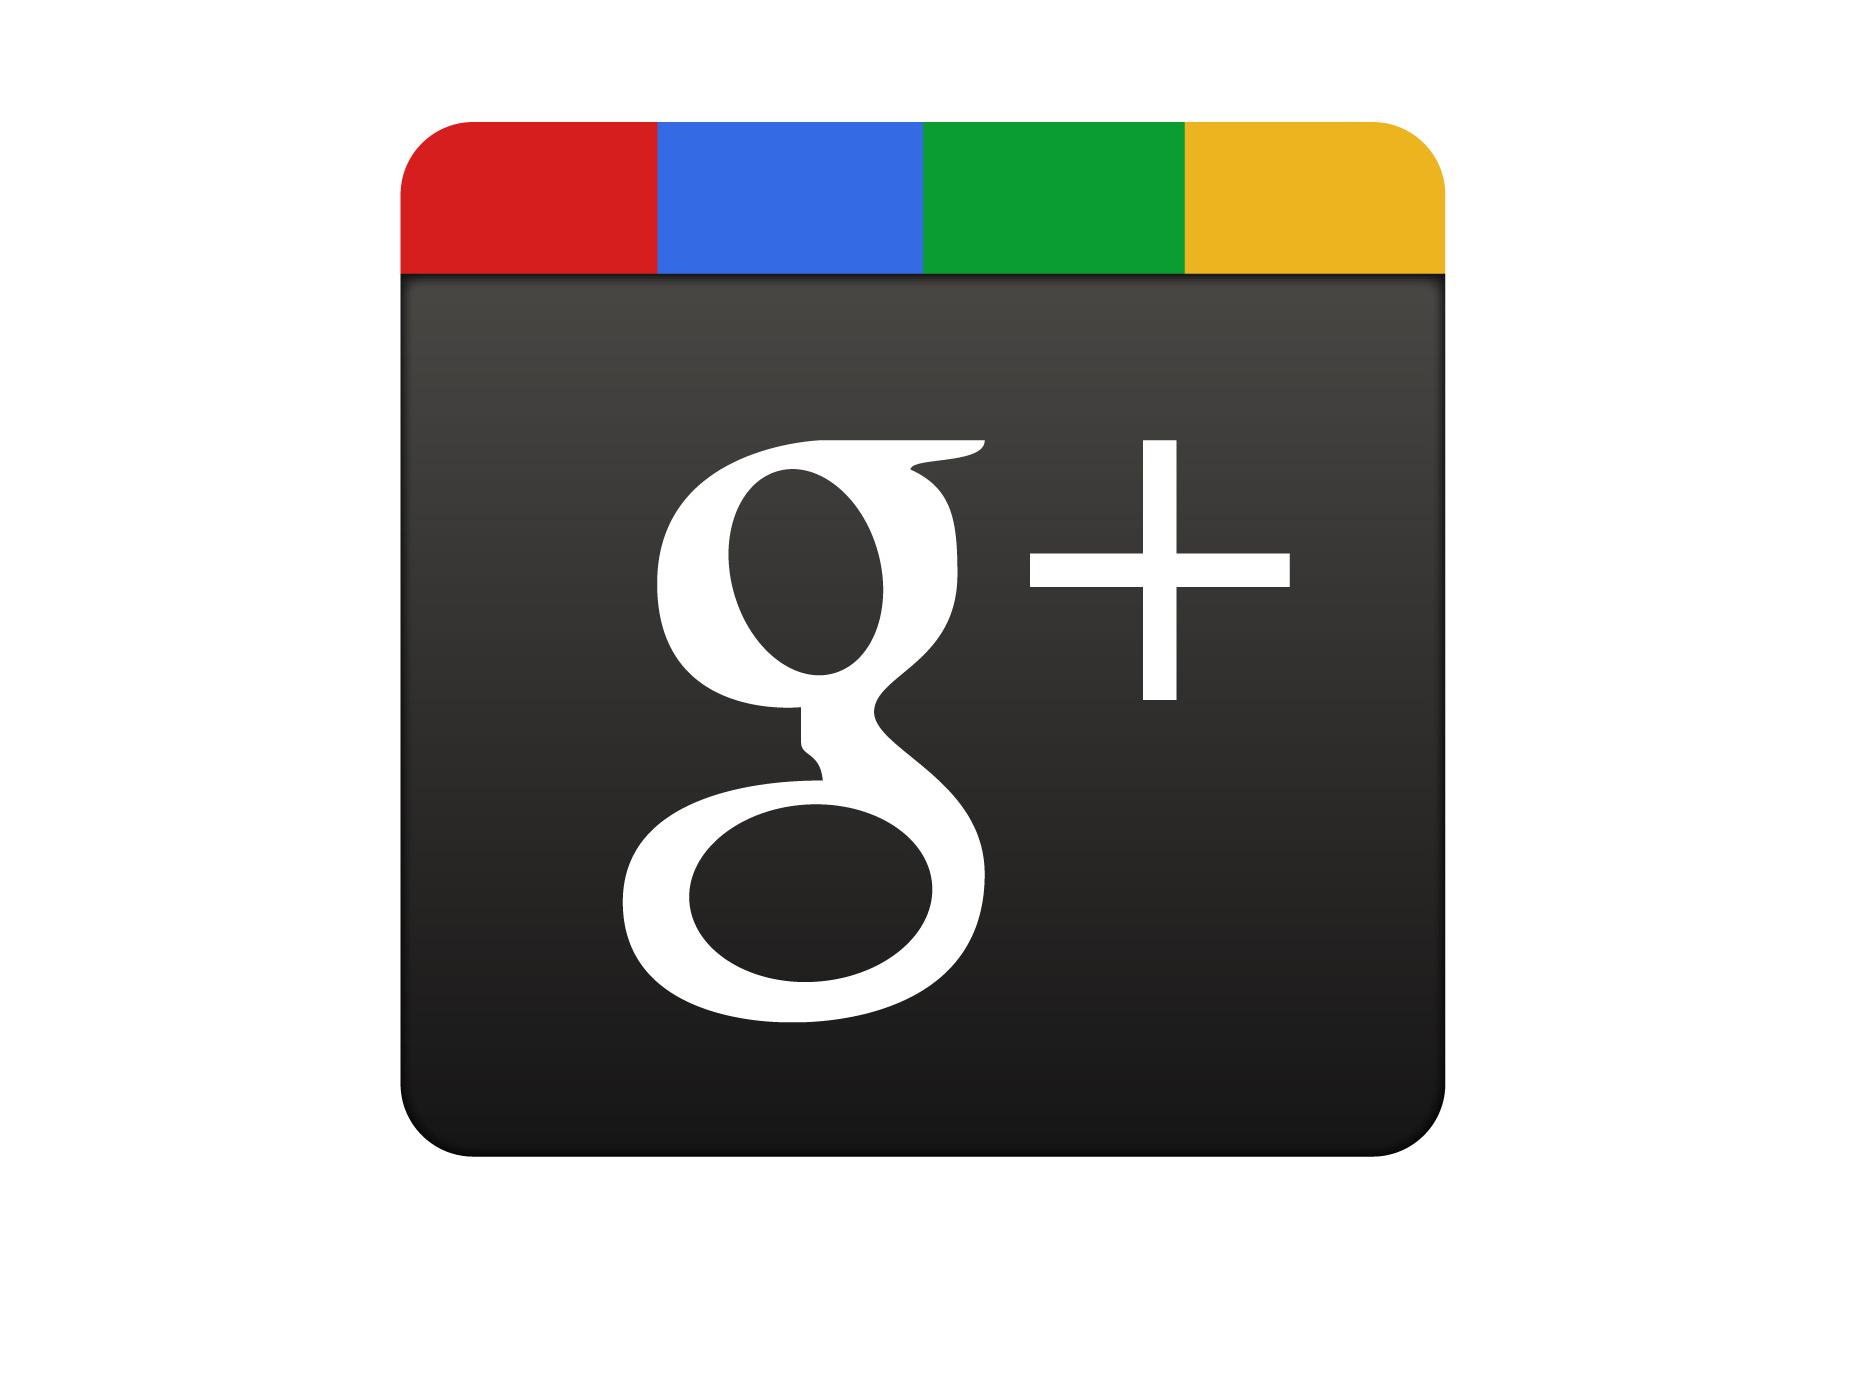 Google Plus já é a segunda maior rede social do mundo